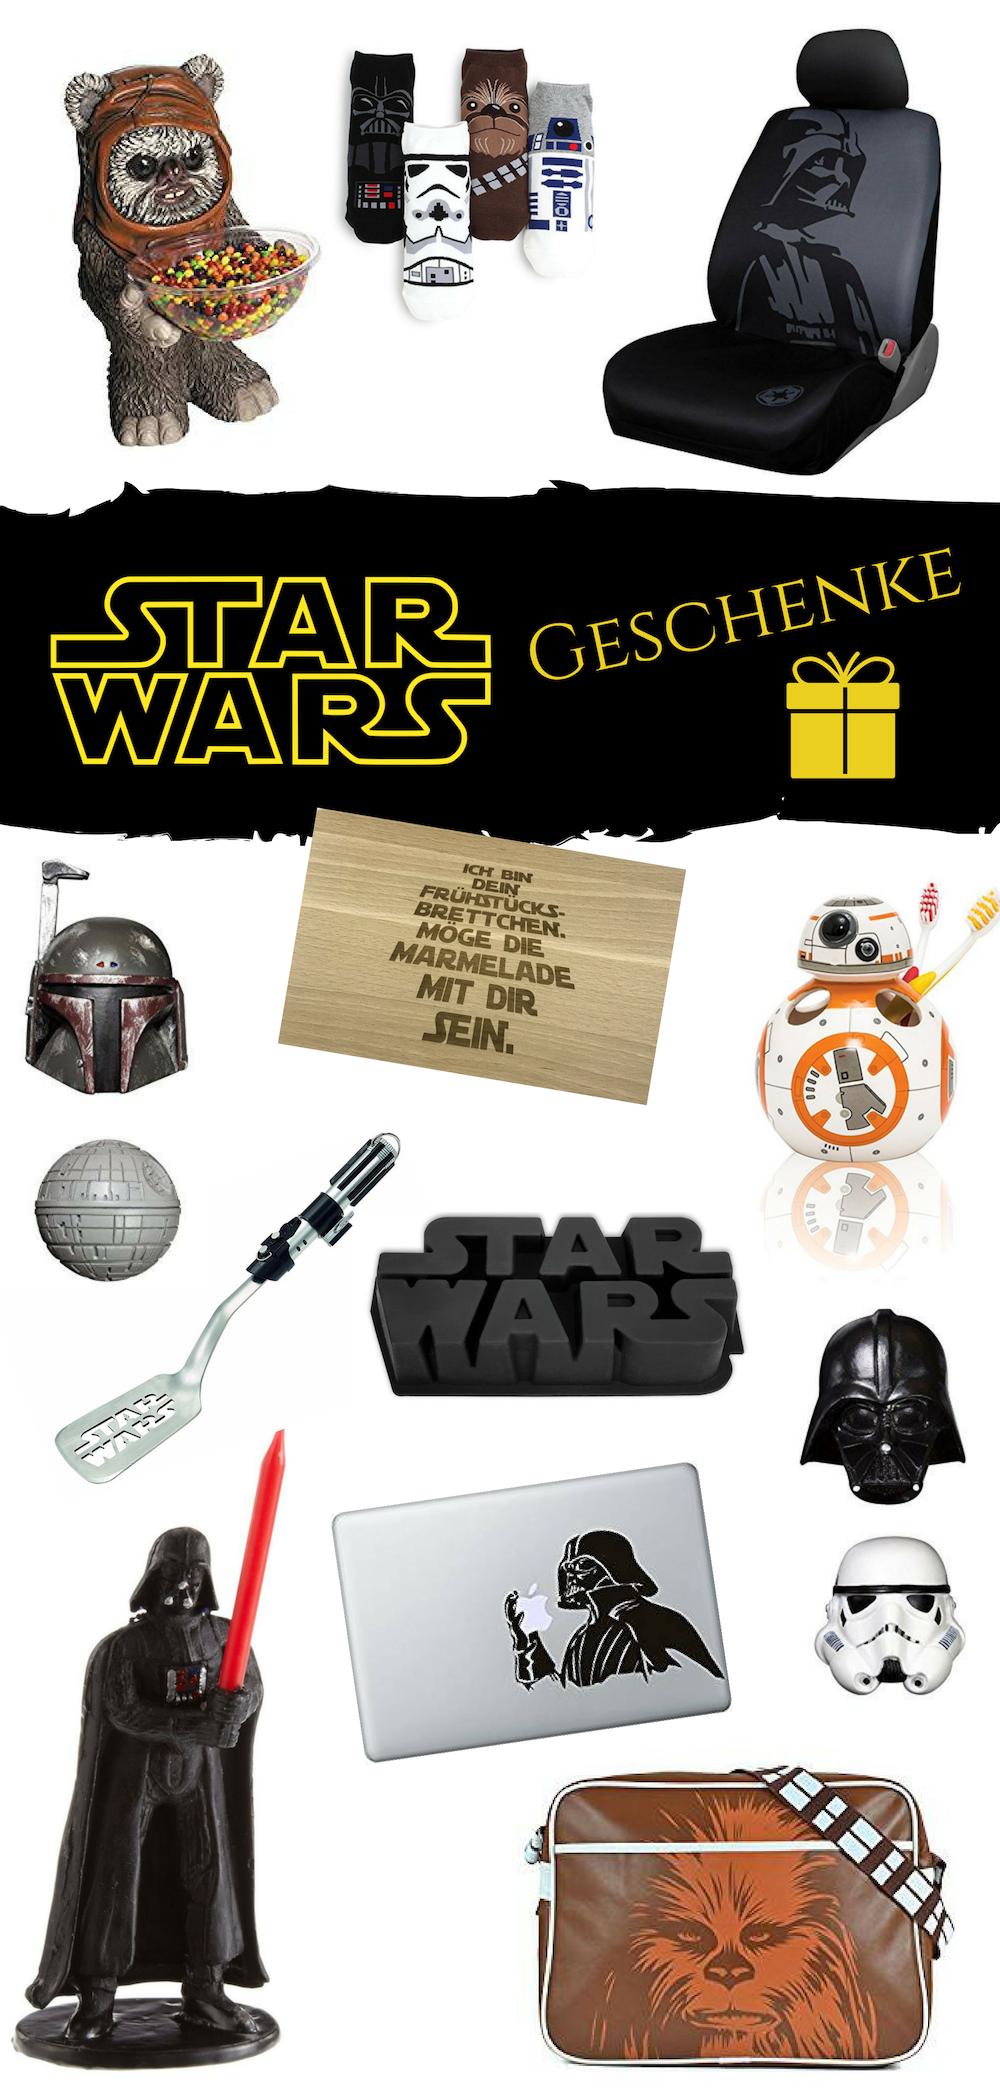 Star Wars Geschenkideen Geschenke Fur Star Wars Fans Vom Star Wars Flaschenoffner Uber Die S Star Wars Geschenke Geschenke Fur Manner Geschenke Fur Teenager